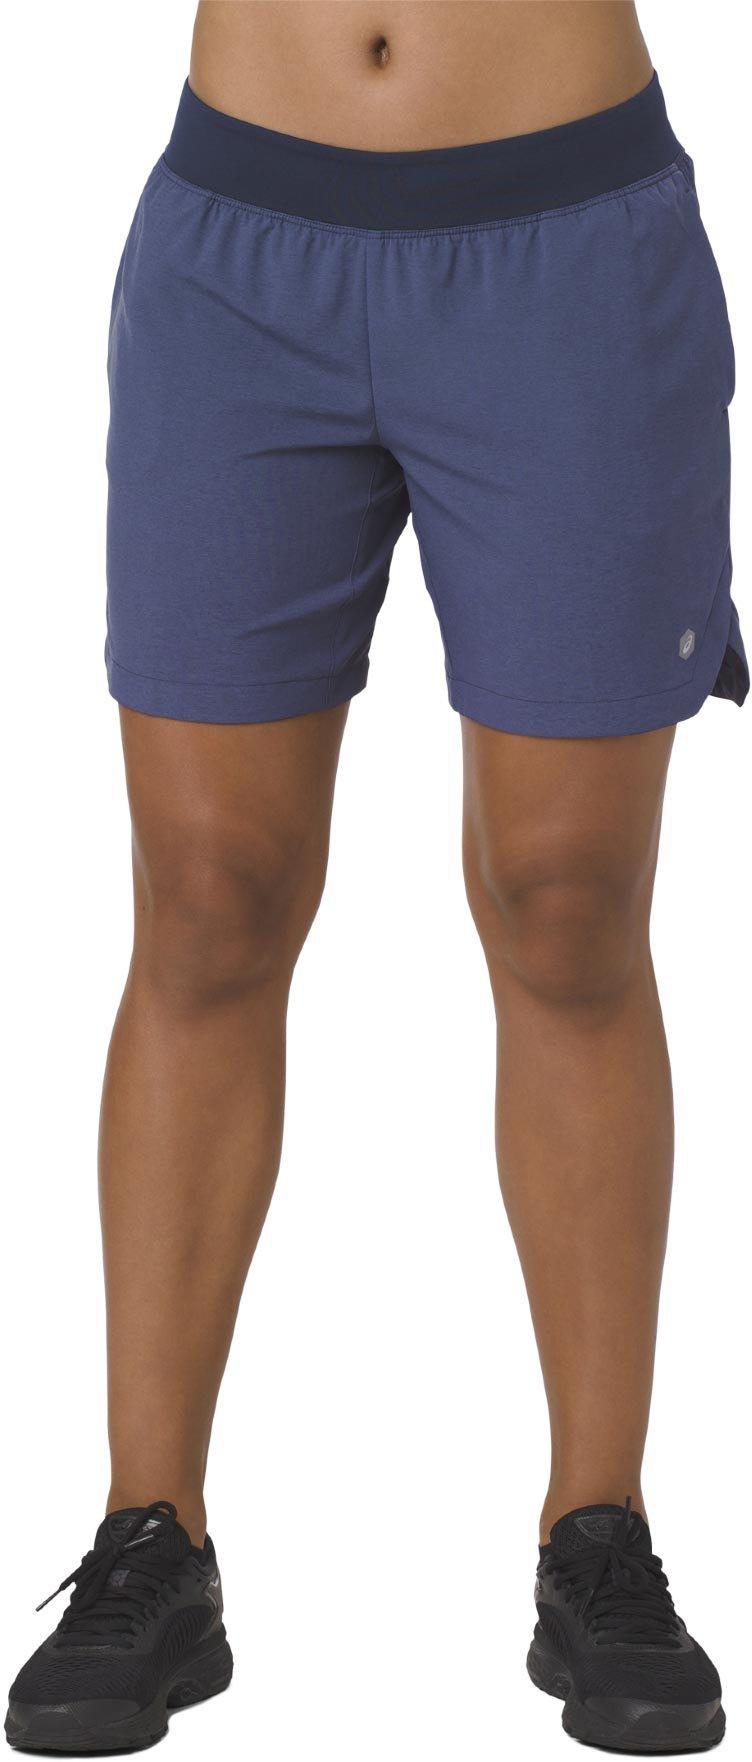 Asics 7in Short XL